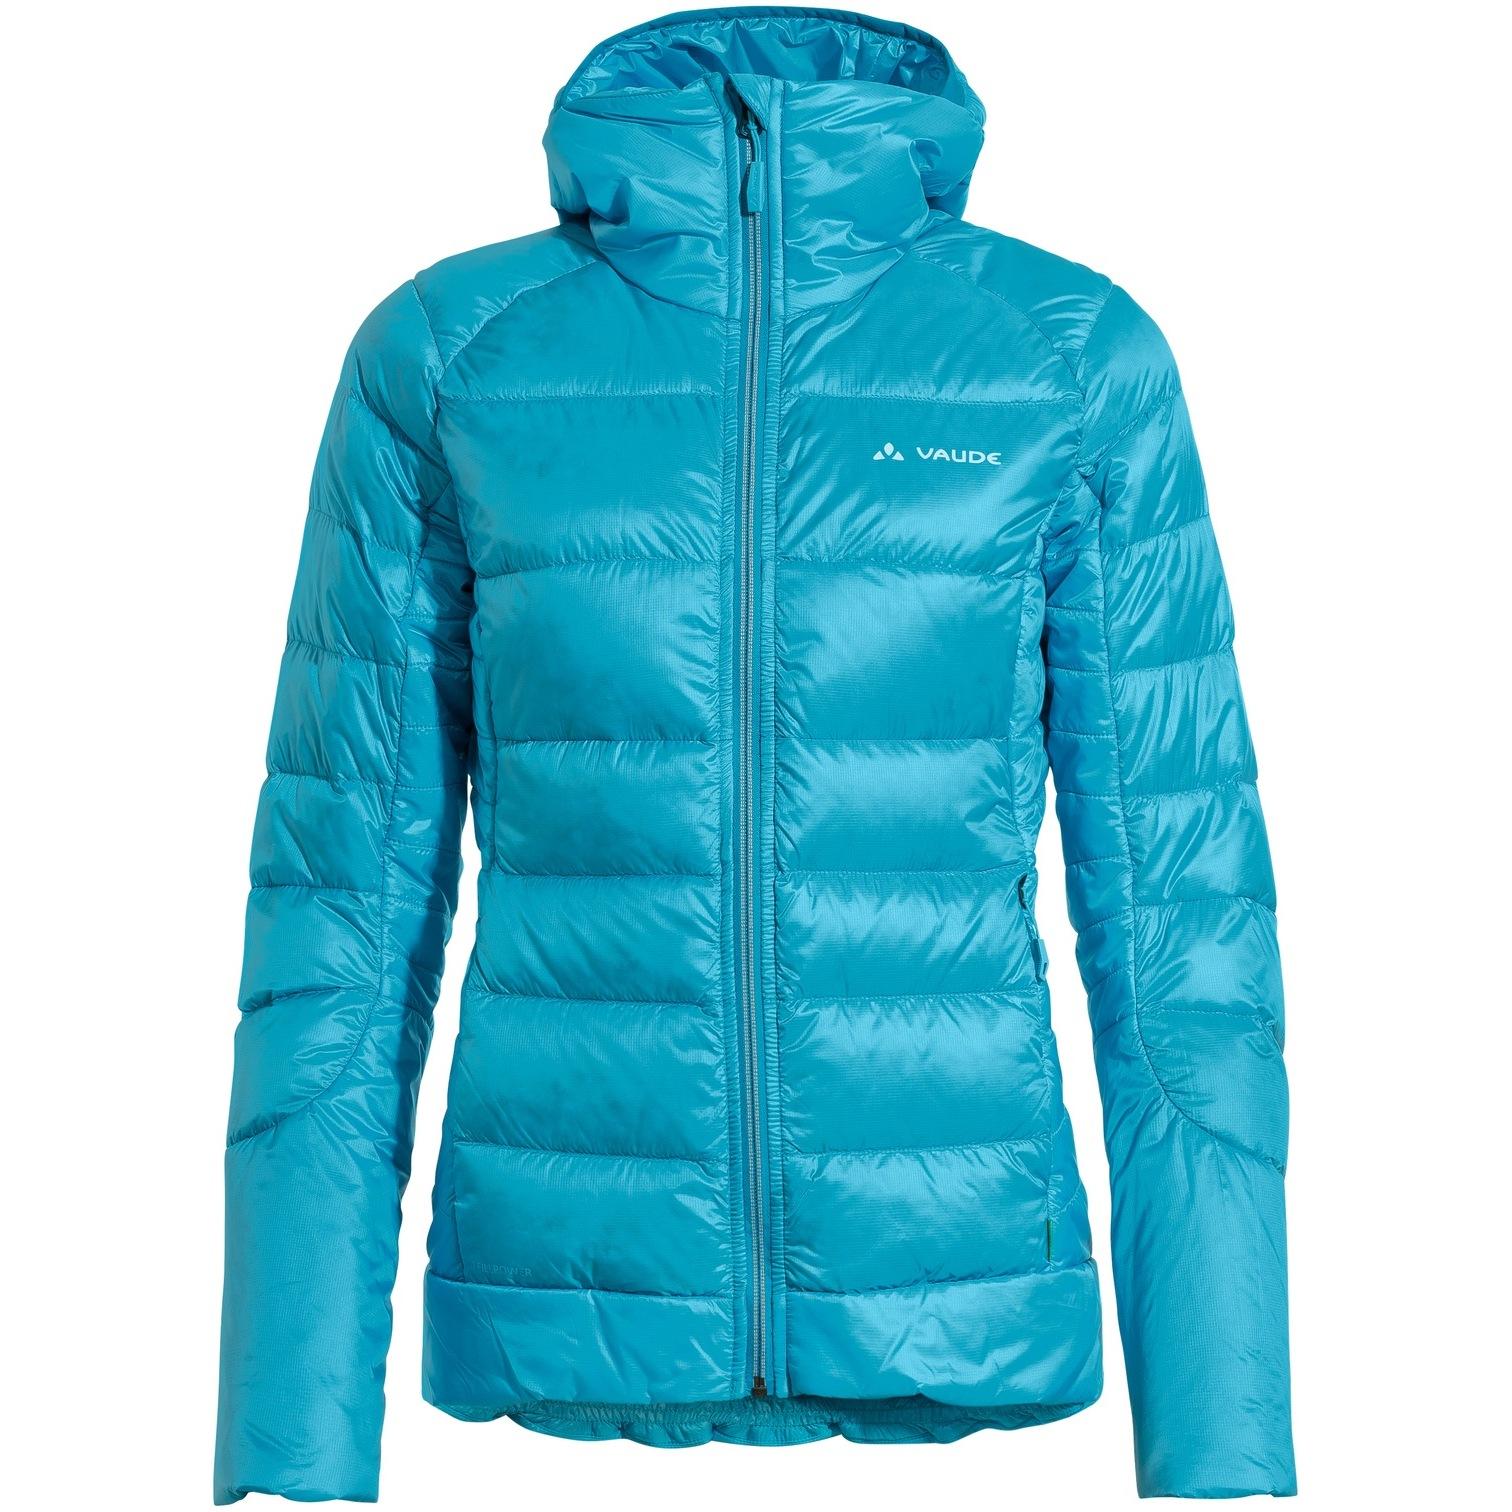 Vaude Women's Kabru Hooded Jacket III - arctic blue